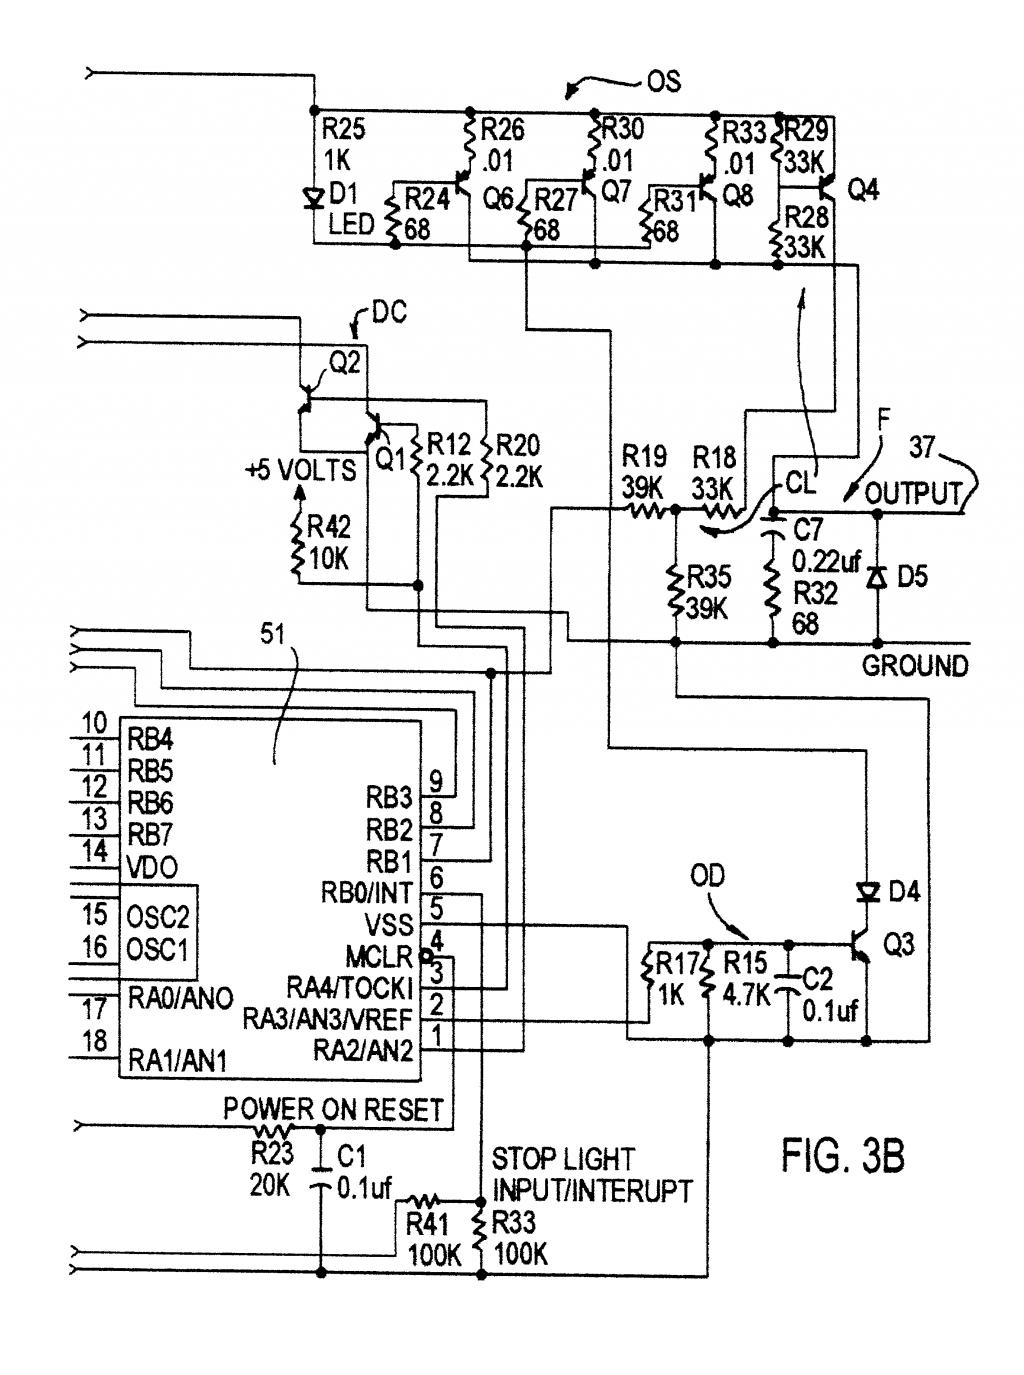 Download [SCHEMA] Tekonsha Primus Iq Wiring Diagram Html